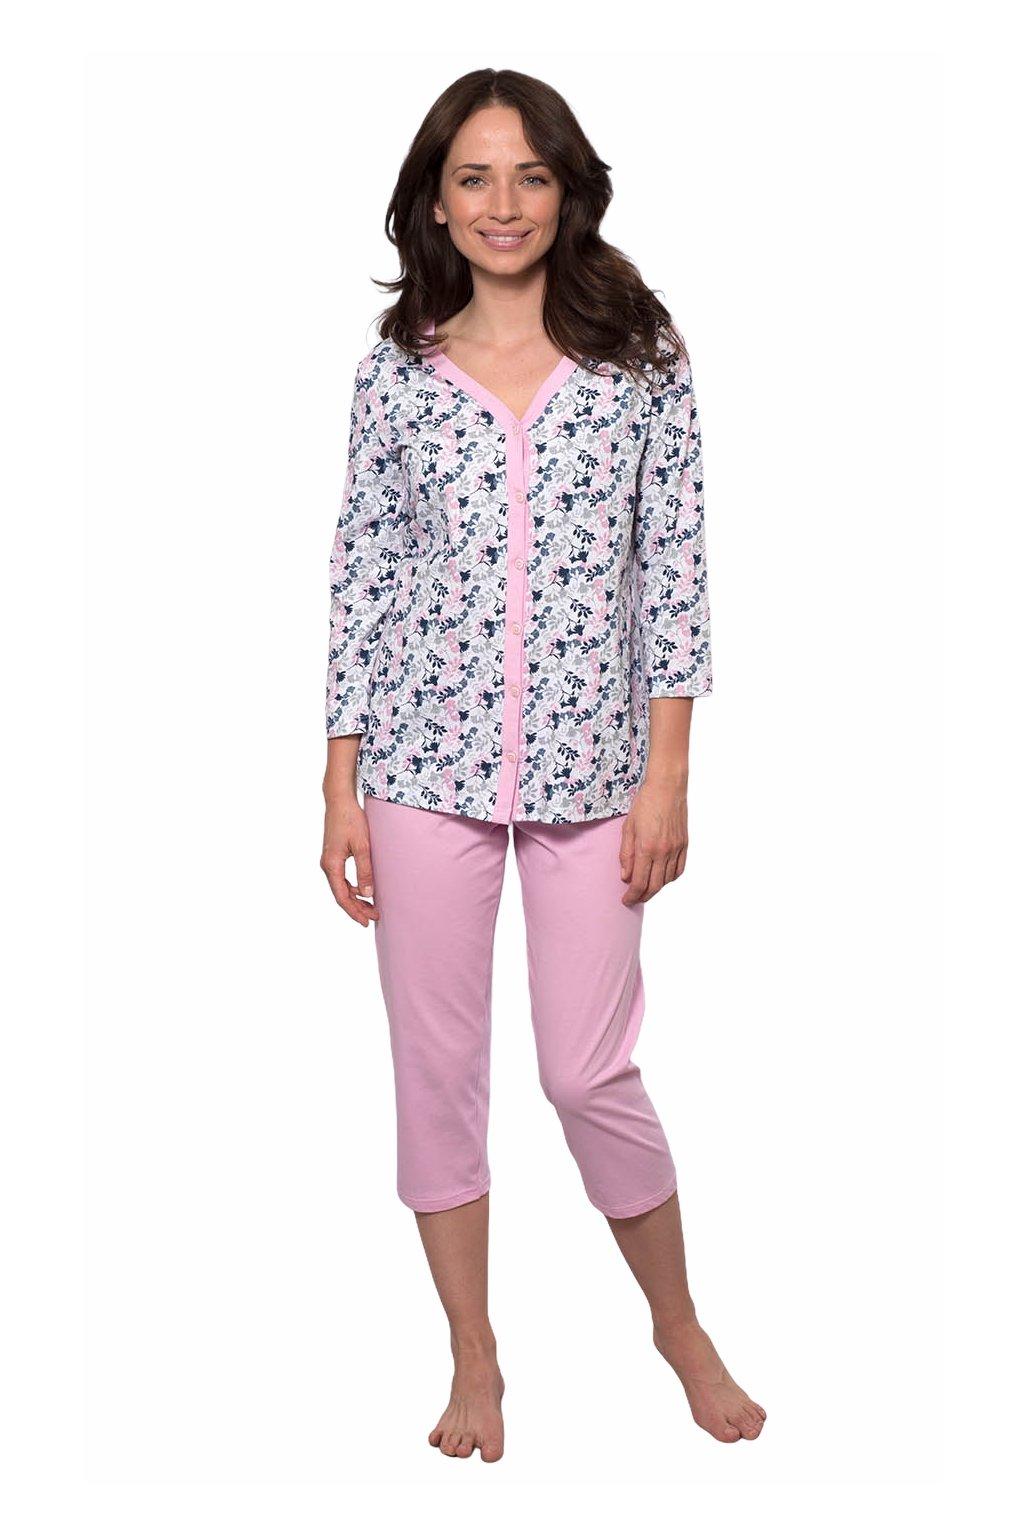 Dámské pyžamo s 3/4 rukávem, 104496 489, růžová